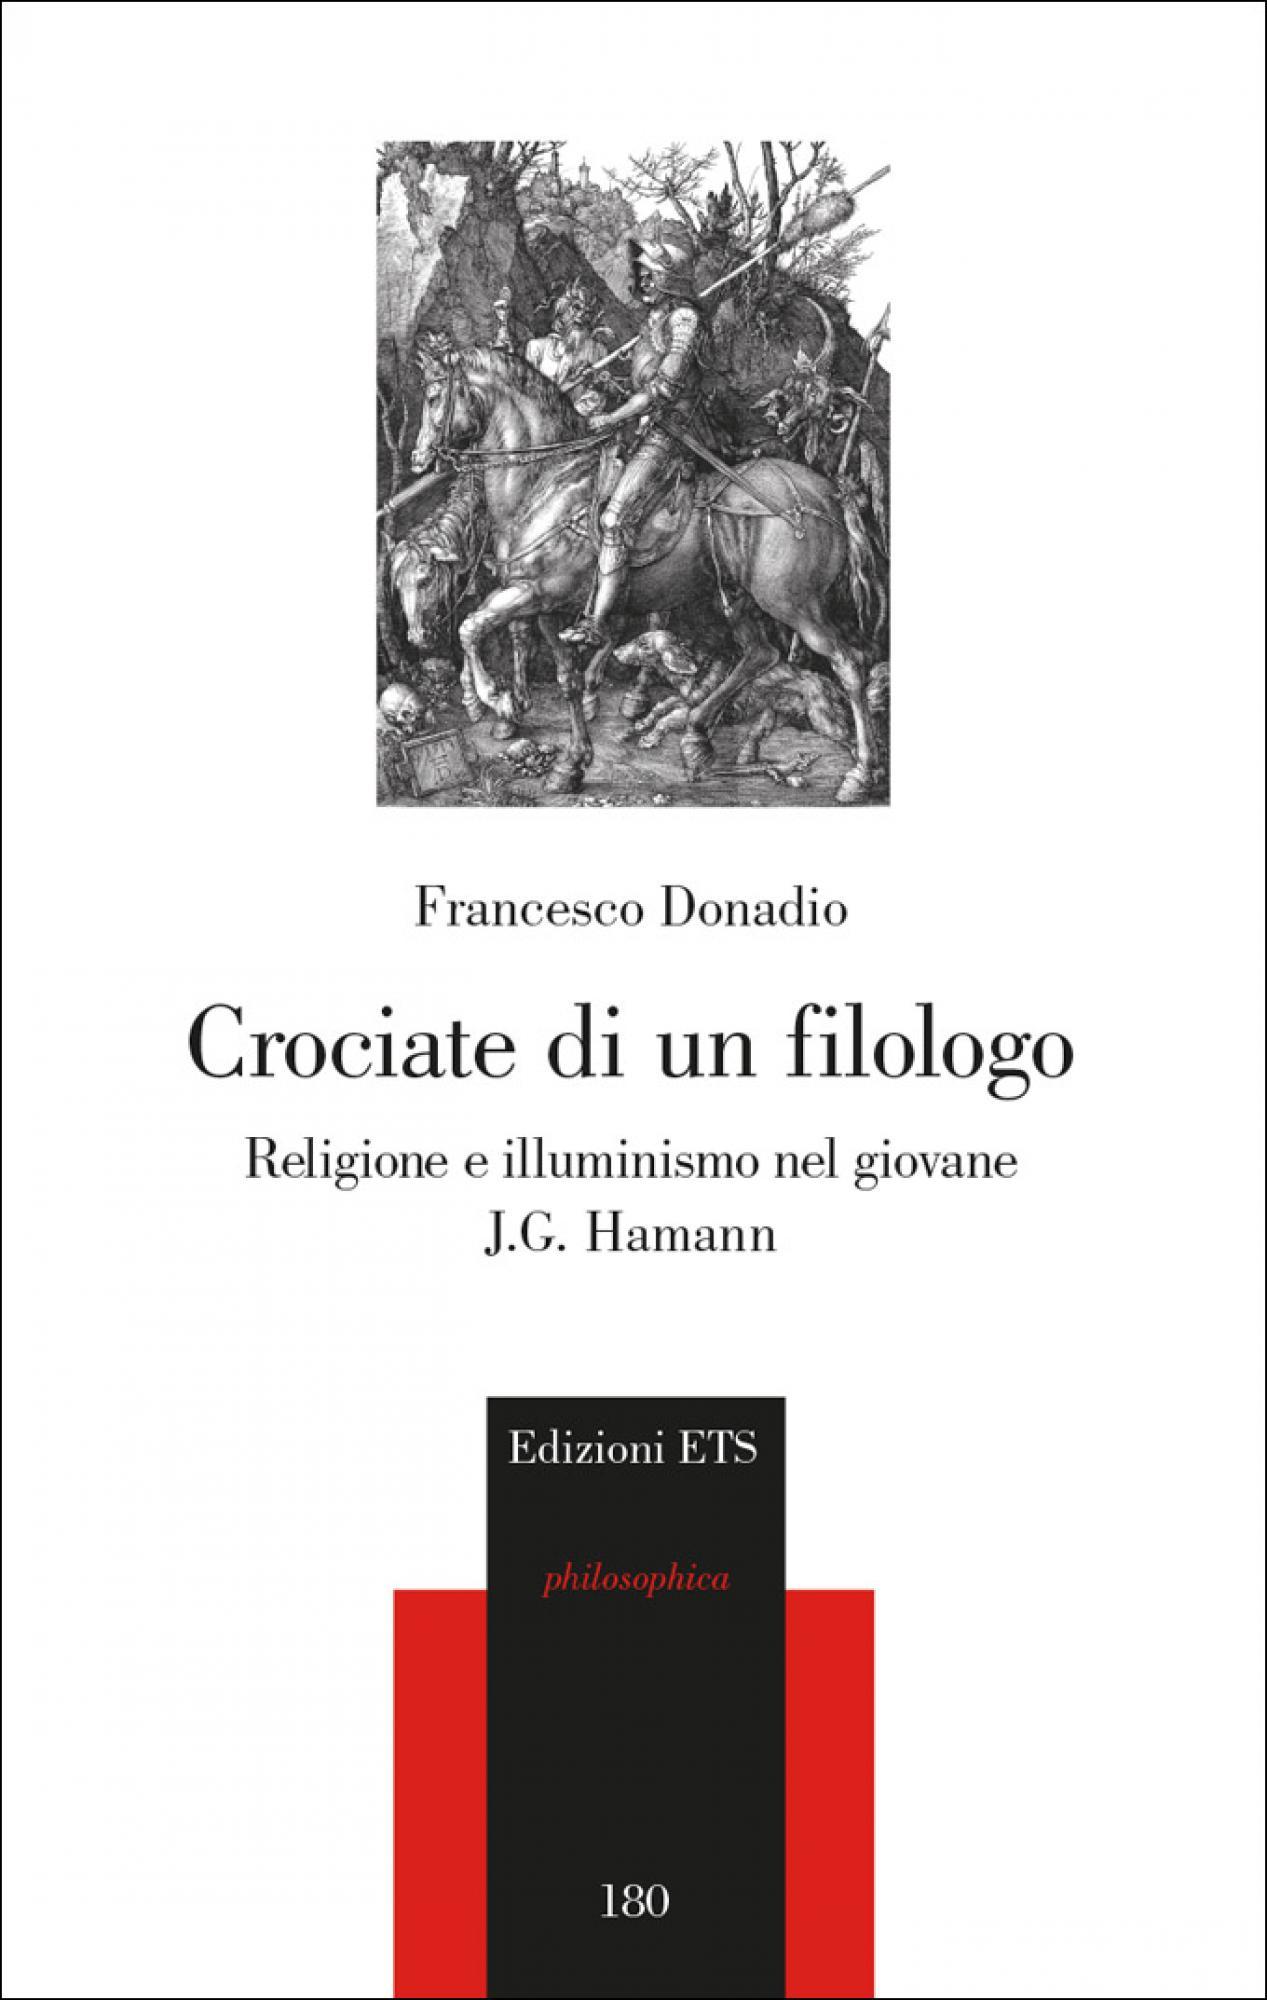 Crociate di un filologo.Religione e illuminismo nel giovane J.G. Hamann